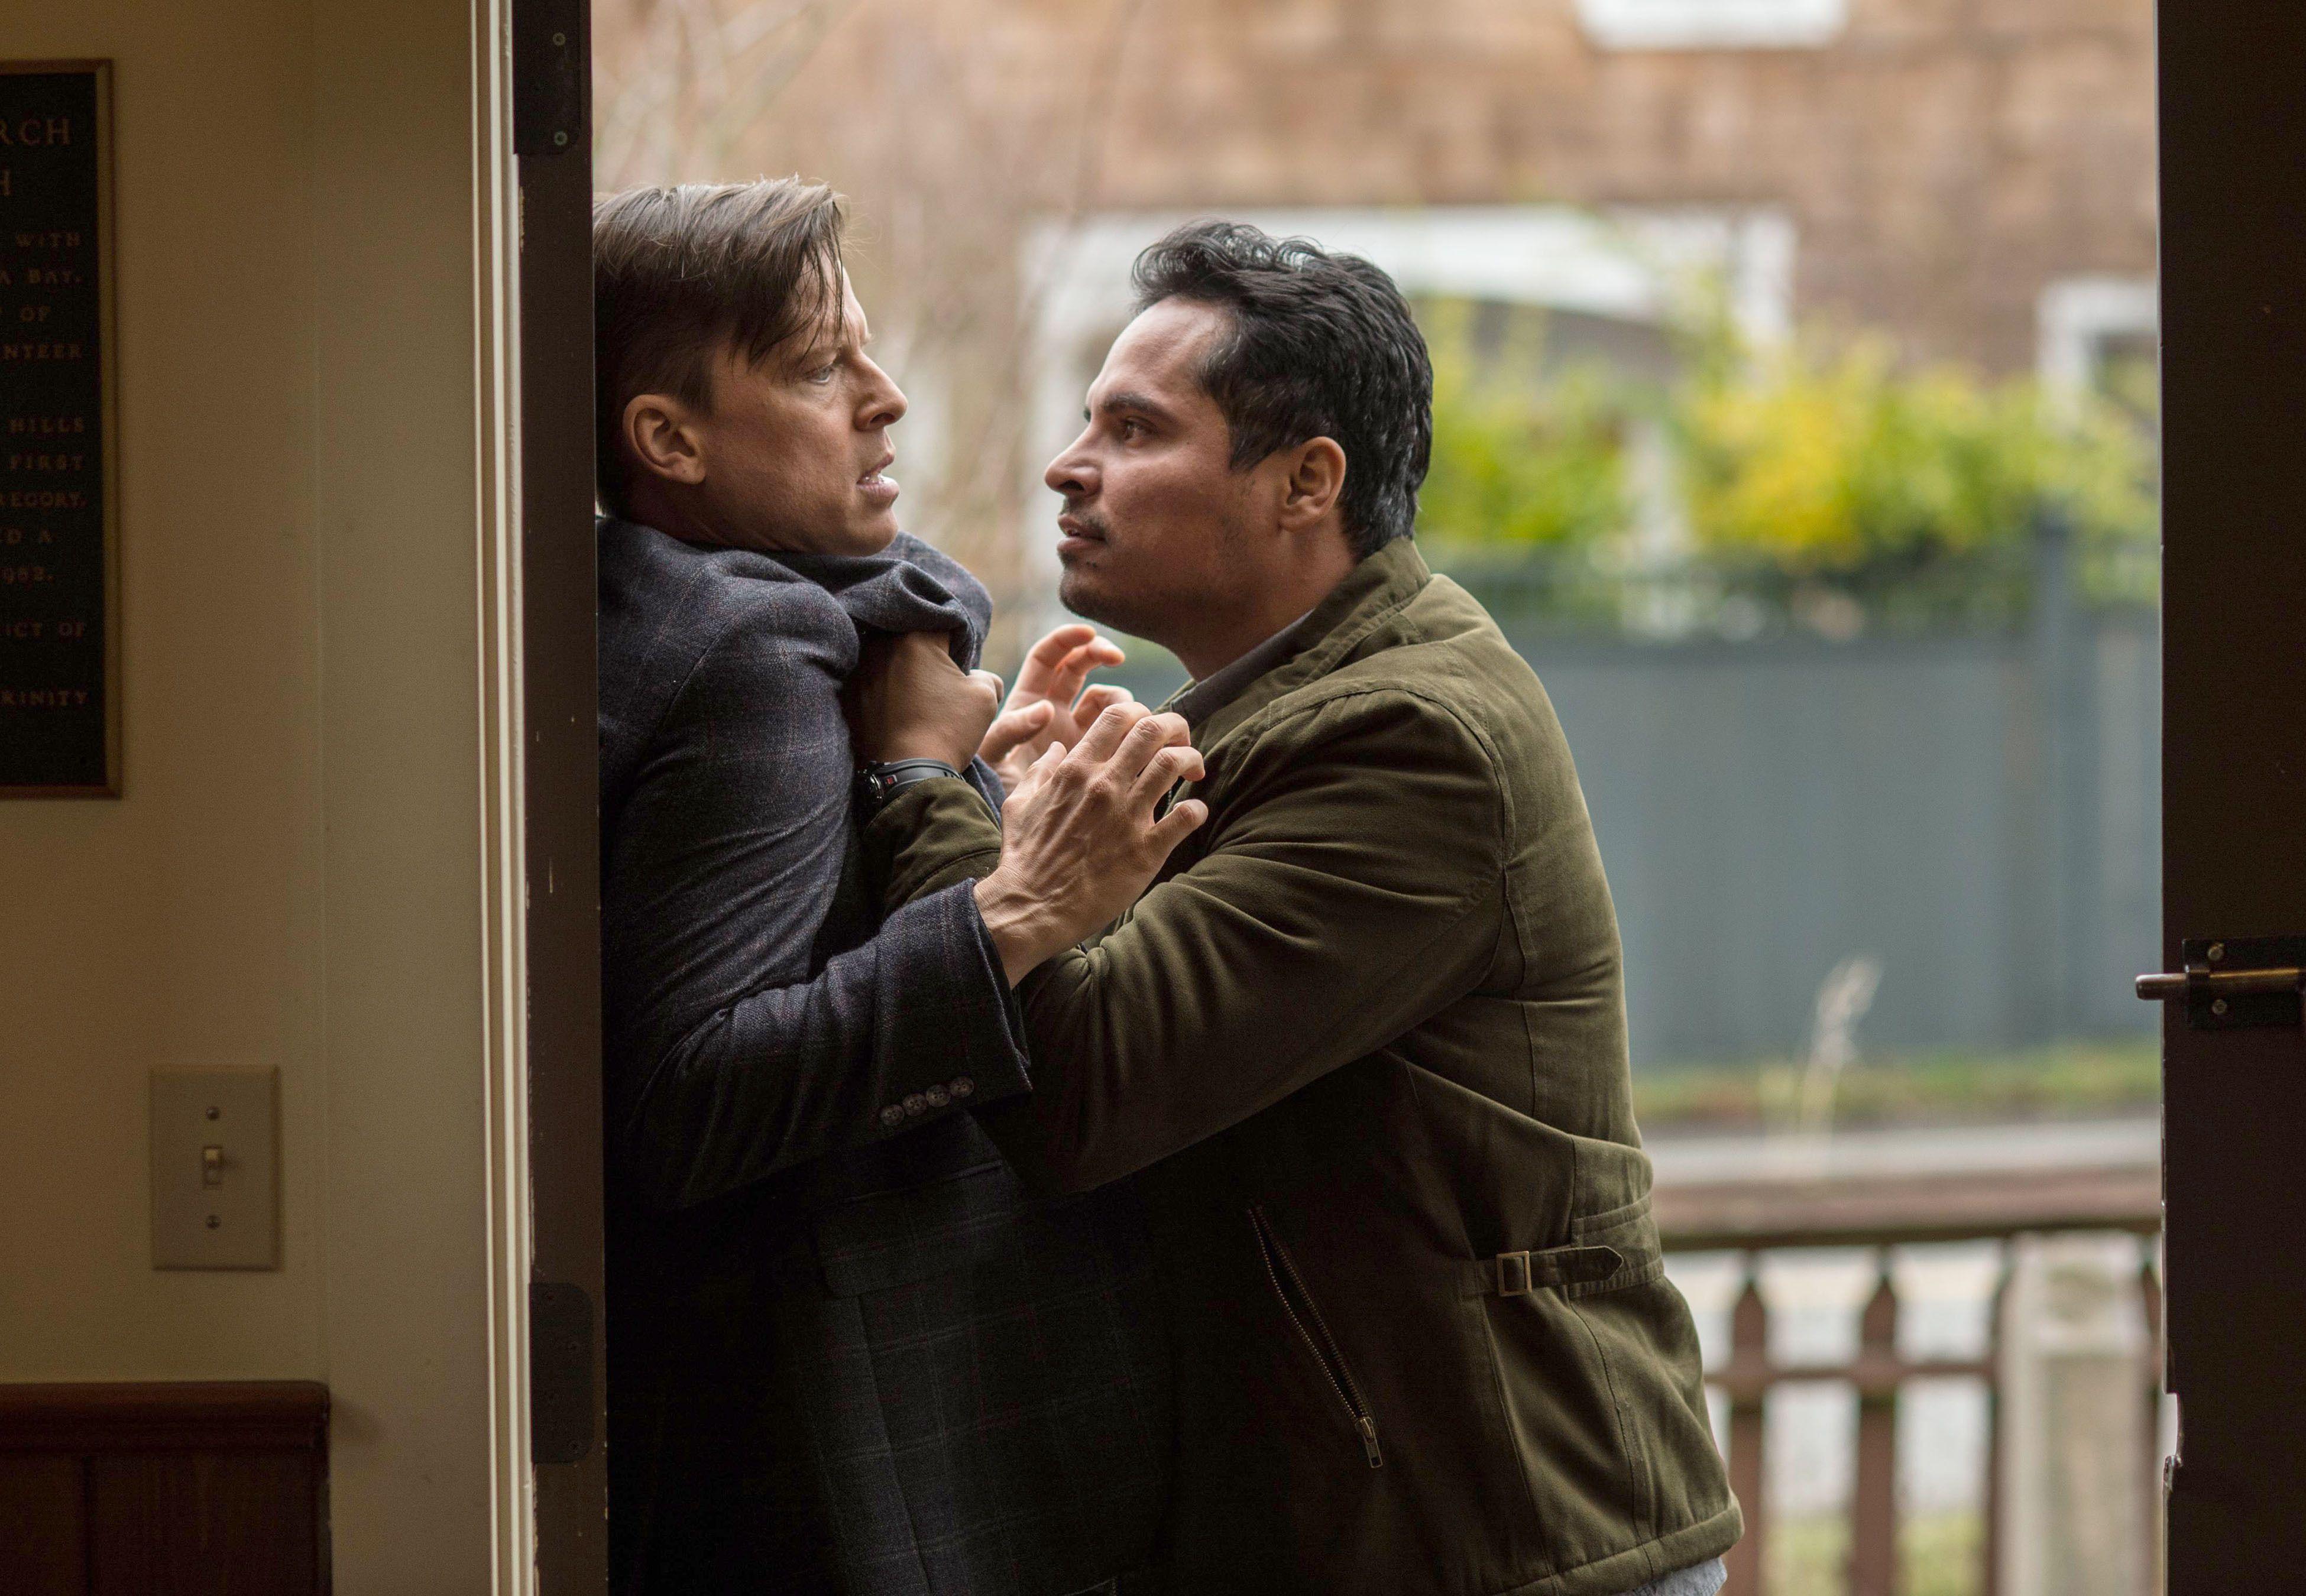 Gracepoint season 2 episode 1 : Episode mayhem fights bully